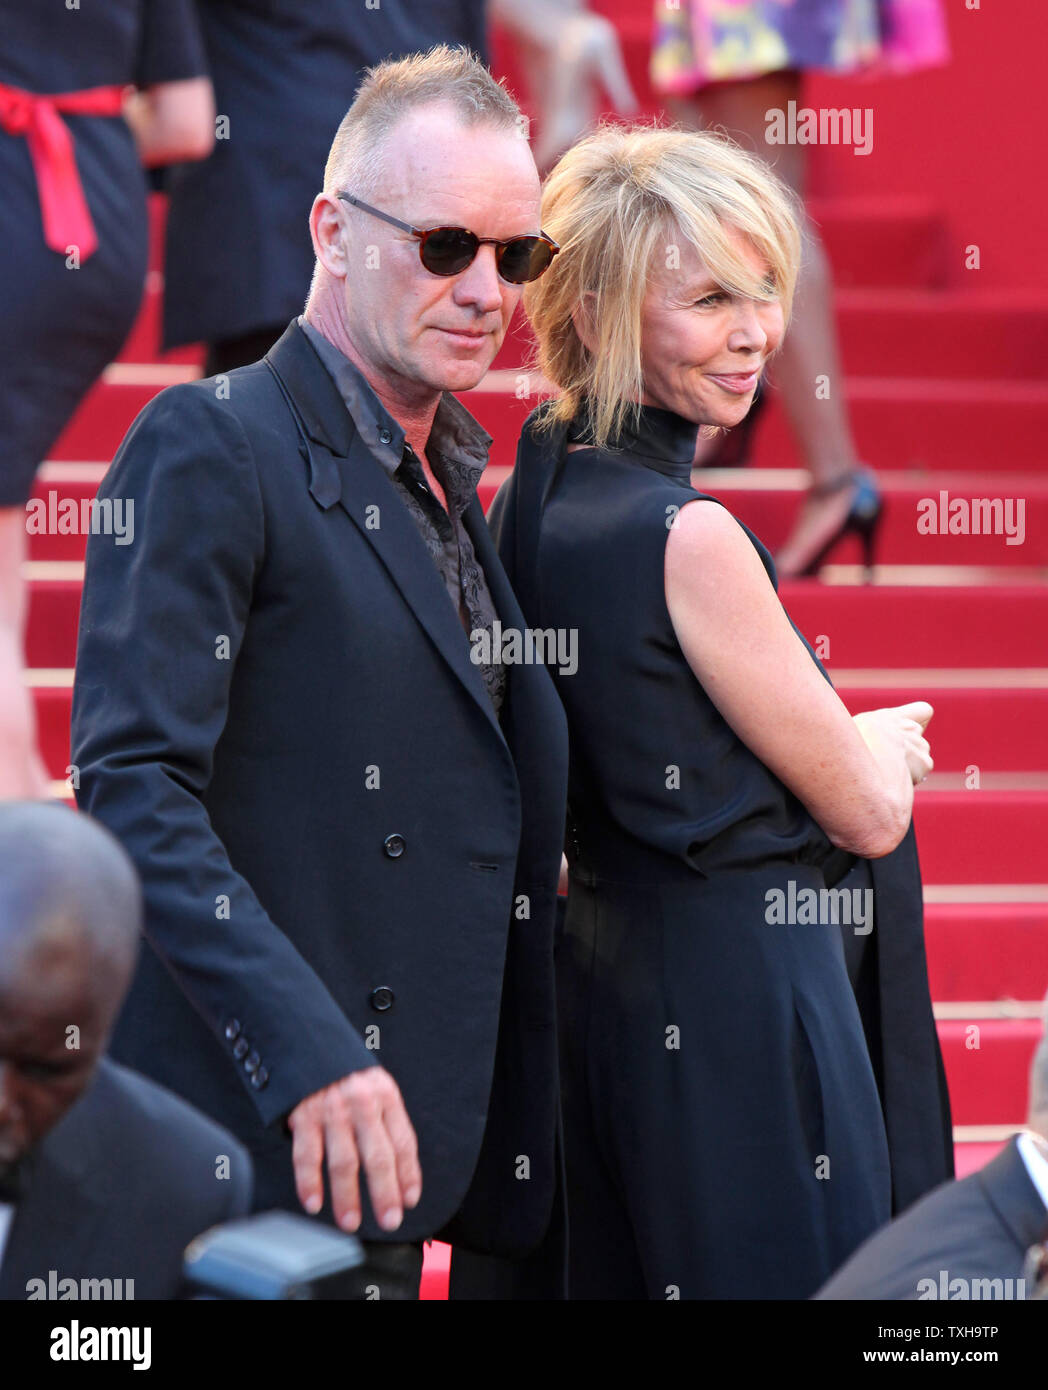 """Sting und seine Ehefrau Trudie Styler ankommen auf dem roten Teppich vor der Vorführung des Films """"ud"""" während die 65. jährliche Internationale Filmfestspiele von Cannes in Cannes, Frankreich am 26. Mai 2012. UPI/David Silpa Stockfoto"""